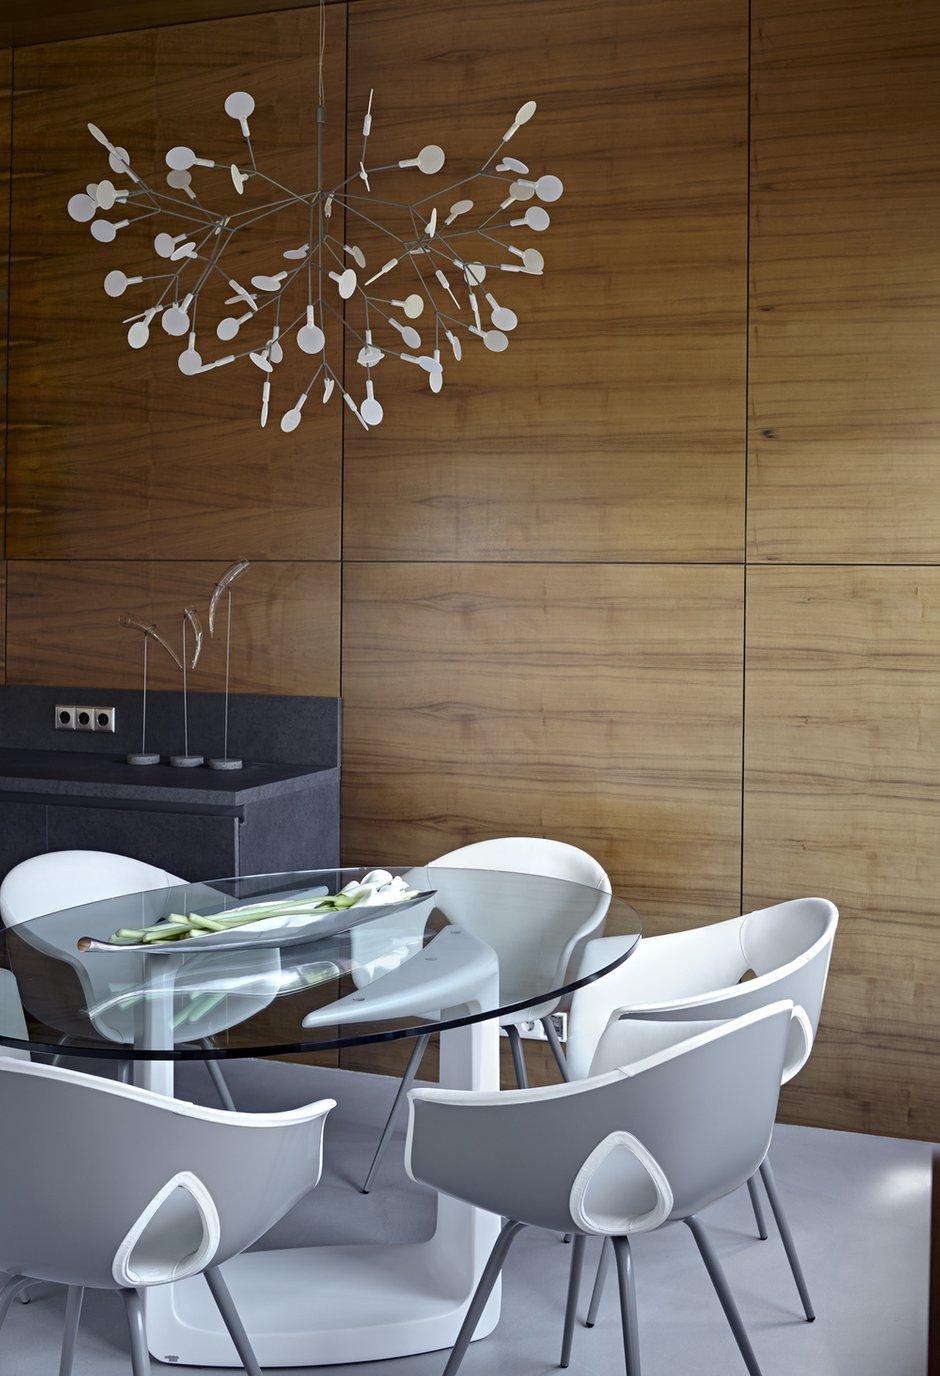 Фотография: Кухня и столовая в стиле Лофт, Дом, Дома и квартиры, Минимализм, Проект недели, Эко – фото на INMYROOM